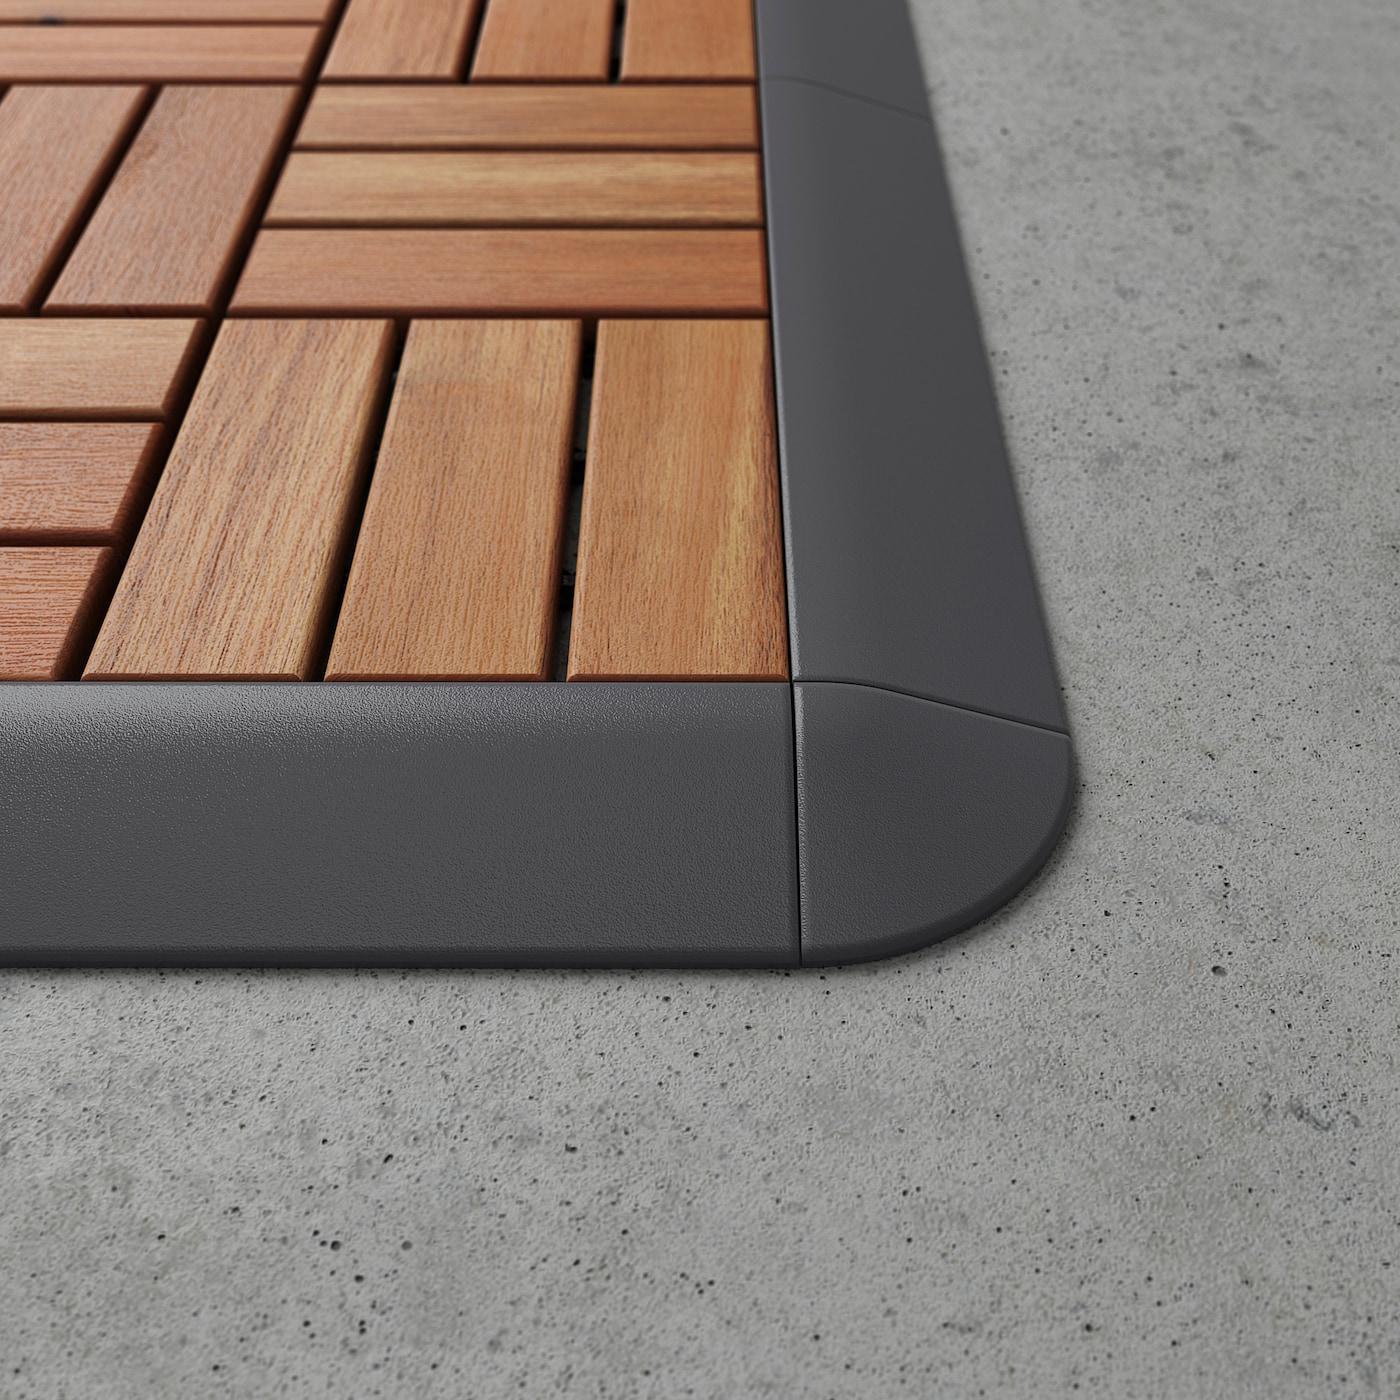 Runnen Corner Strip Outdoor Floor